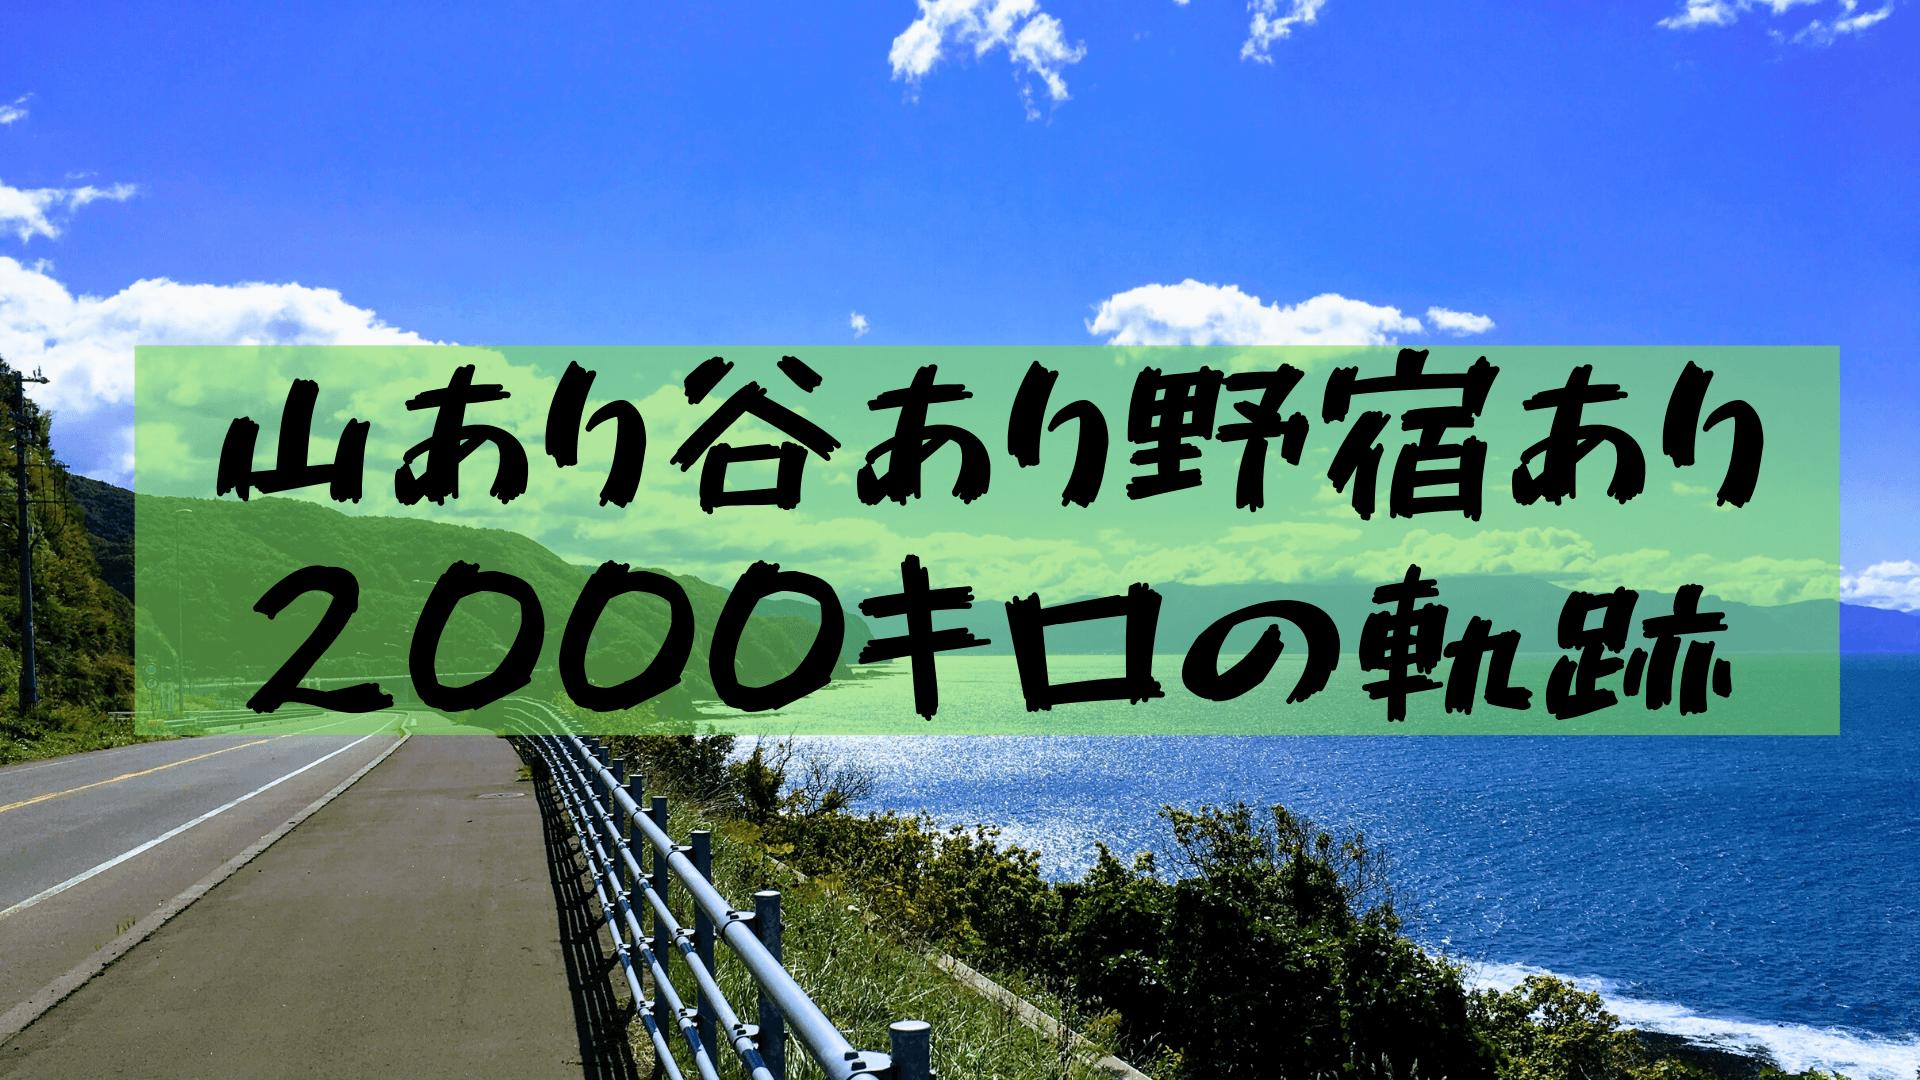 【北海道自転車一周】大学生が北海道を1ヶ月で旅行したルートや日程、持ち物を紹介!